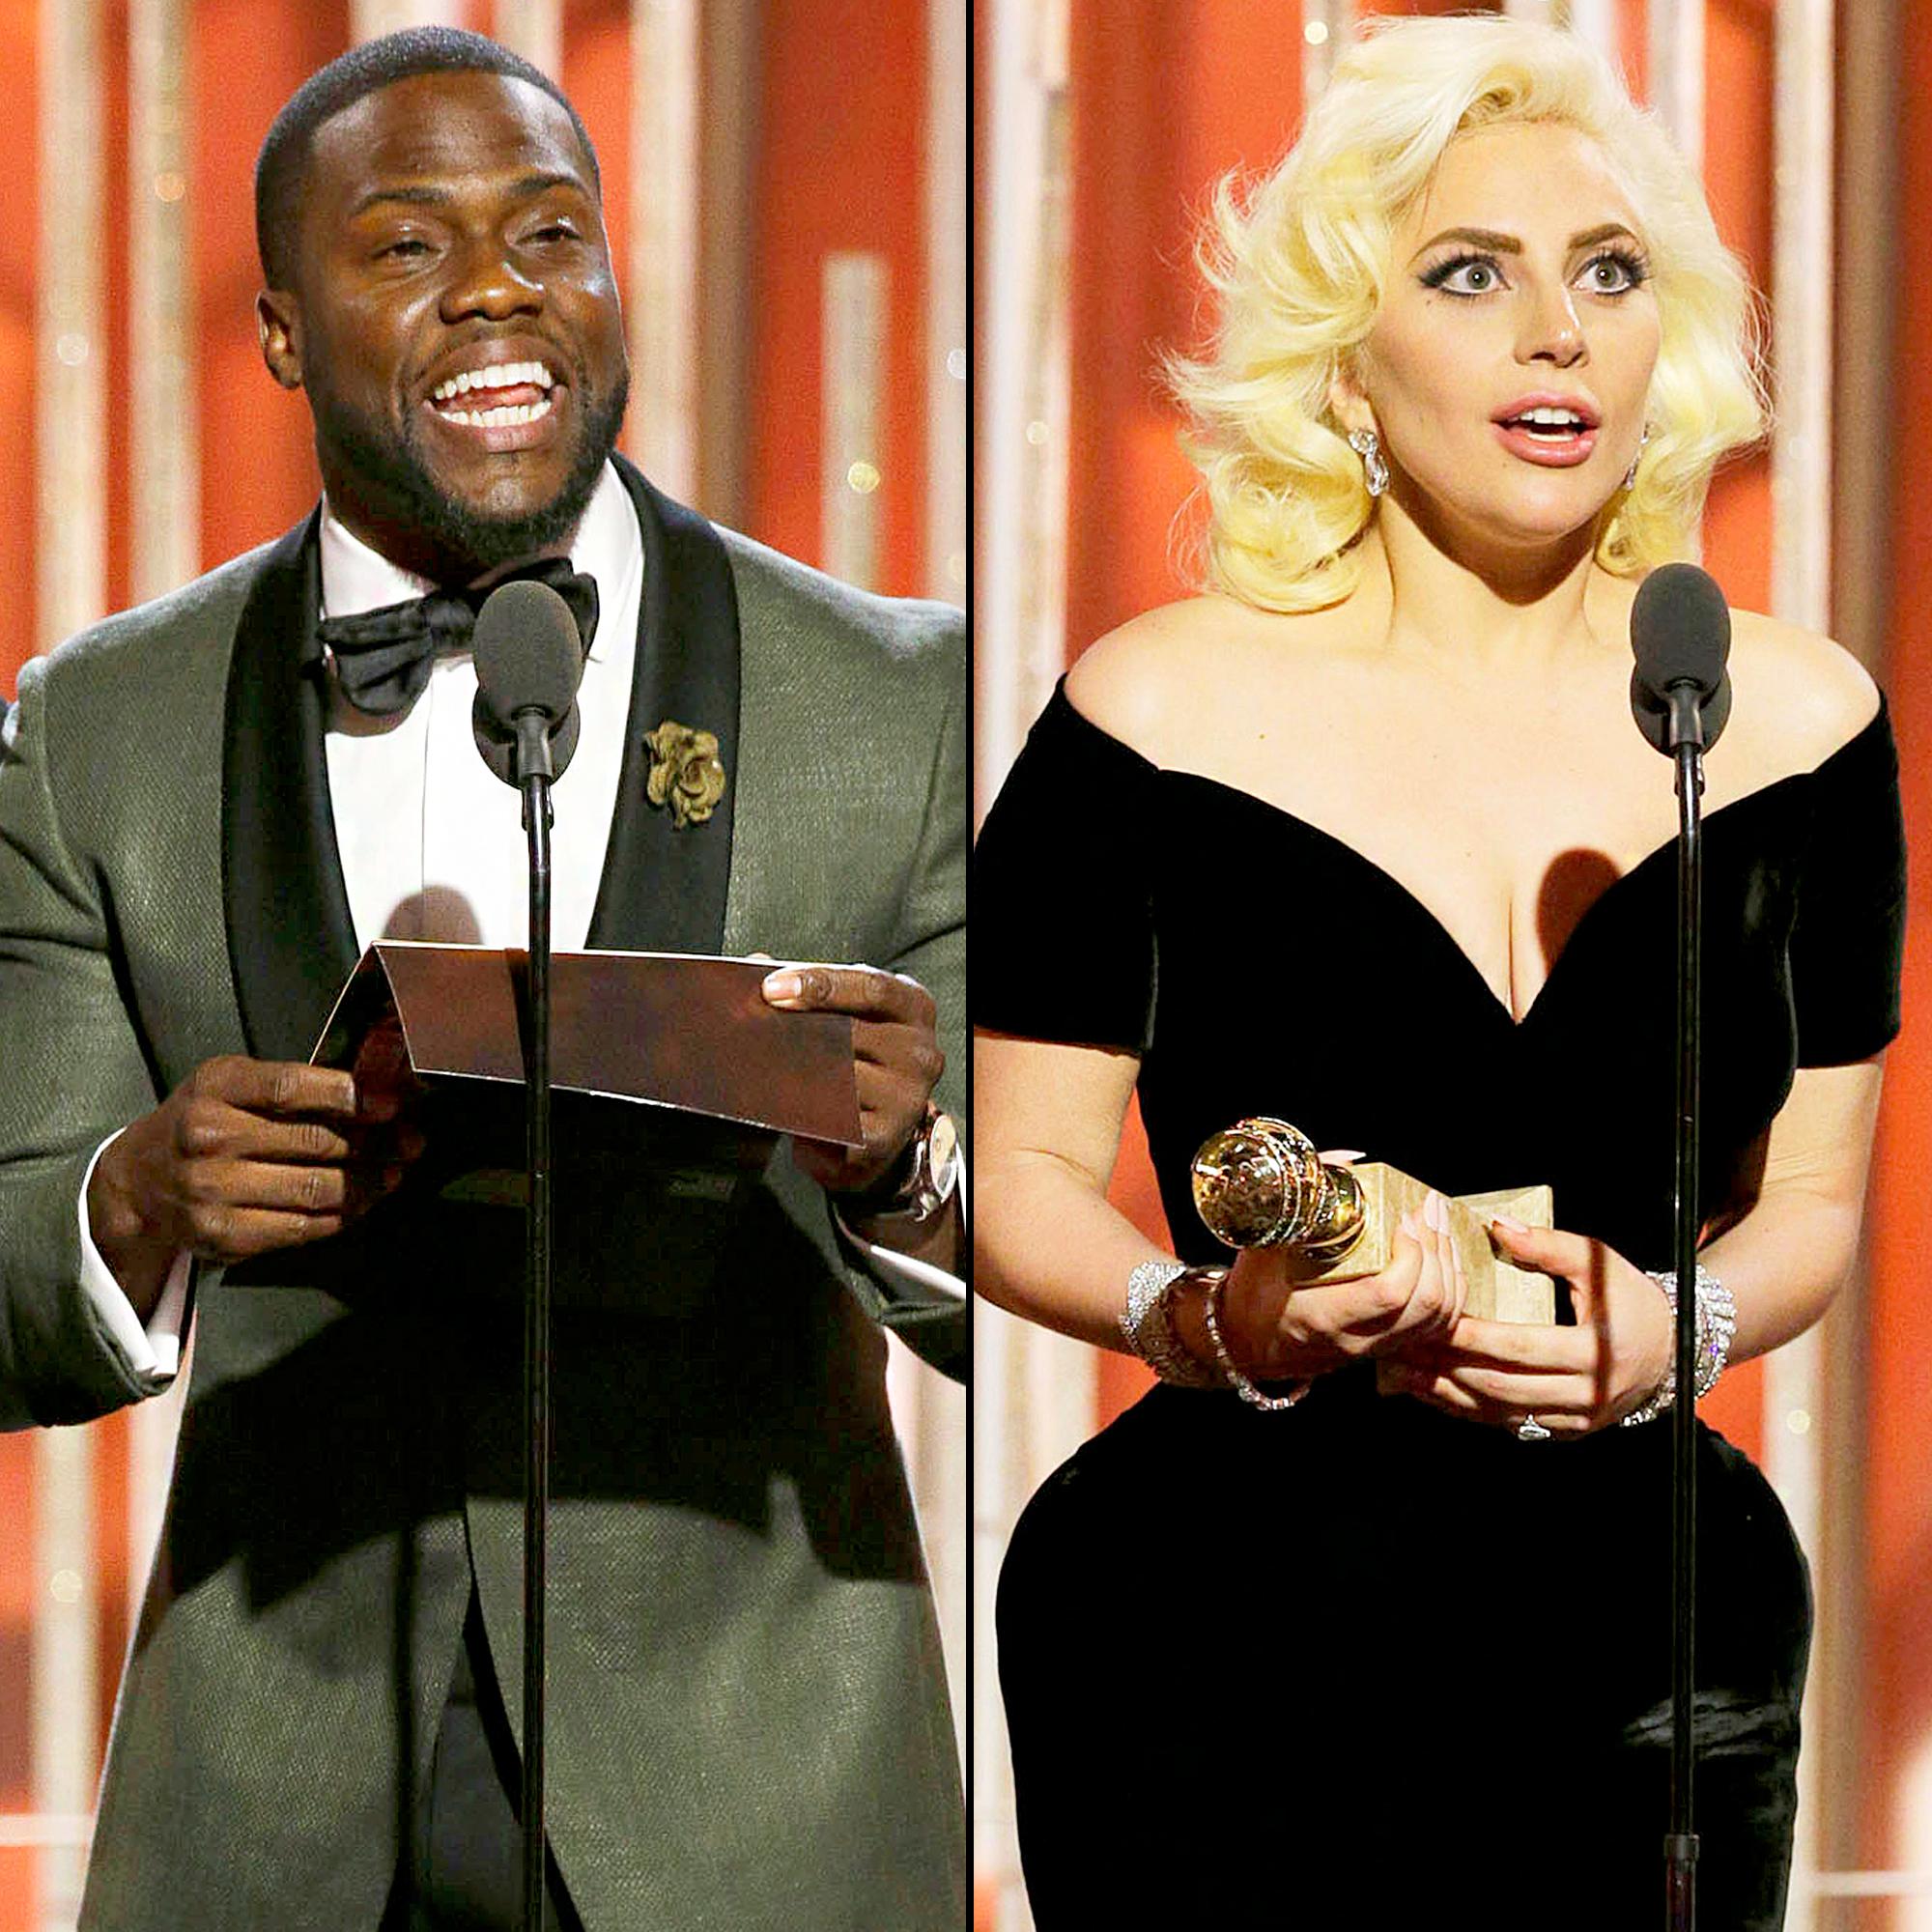 Kevin Hart and Lady Gaga